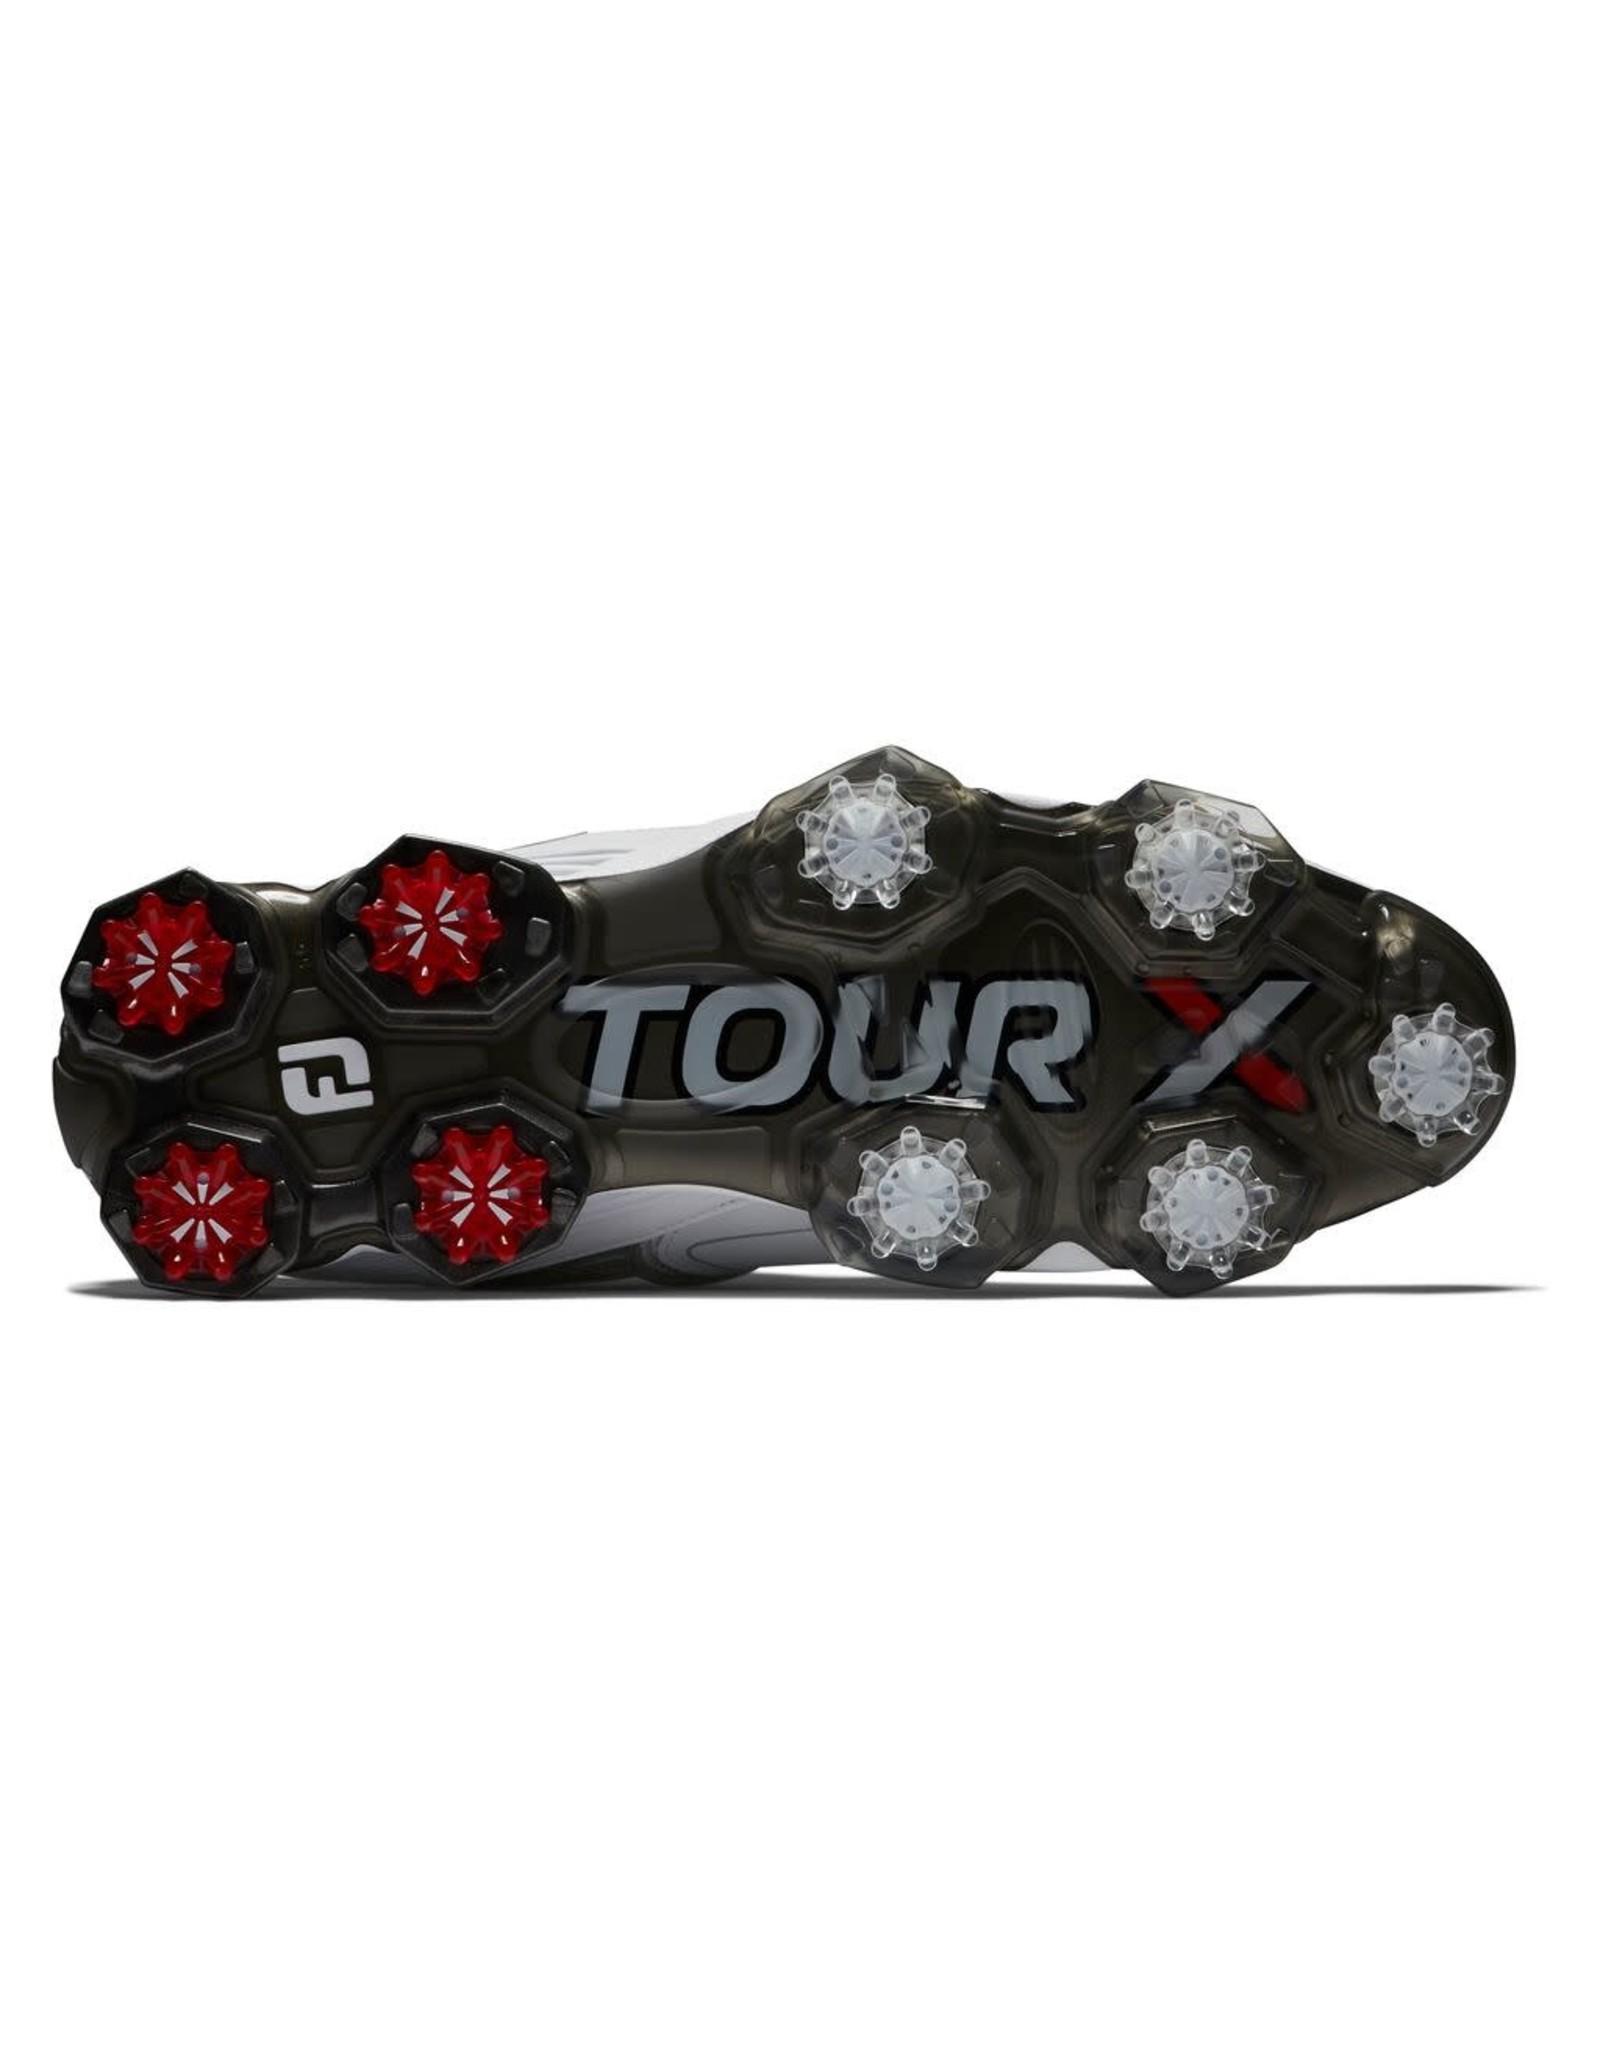 FJ FJ Tour X White